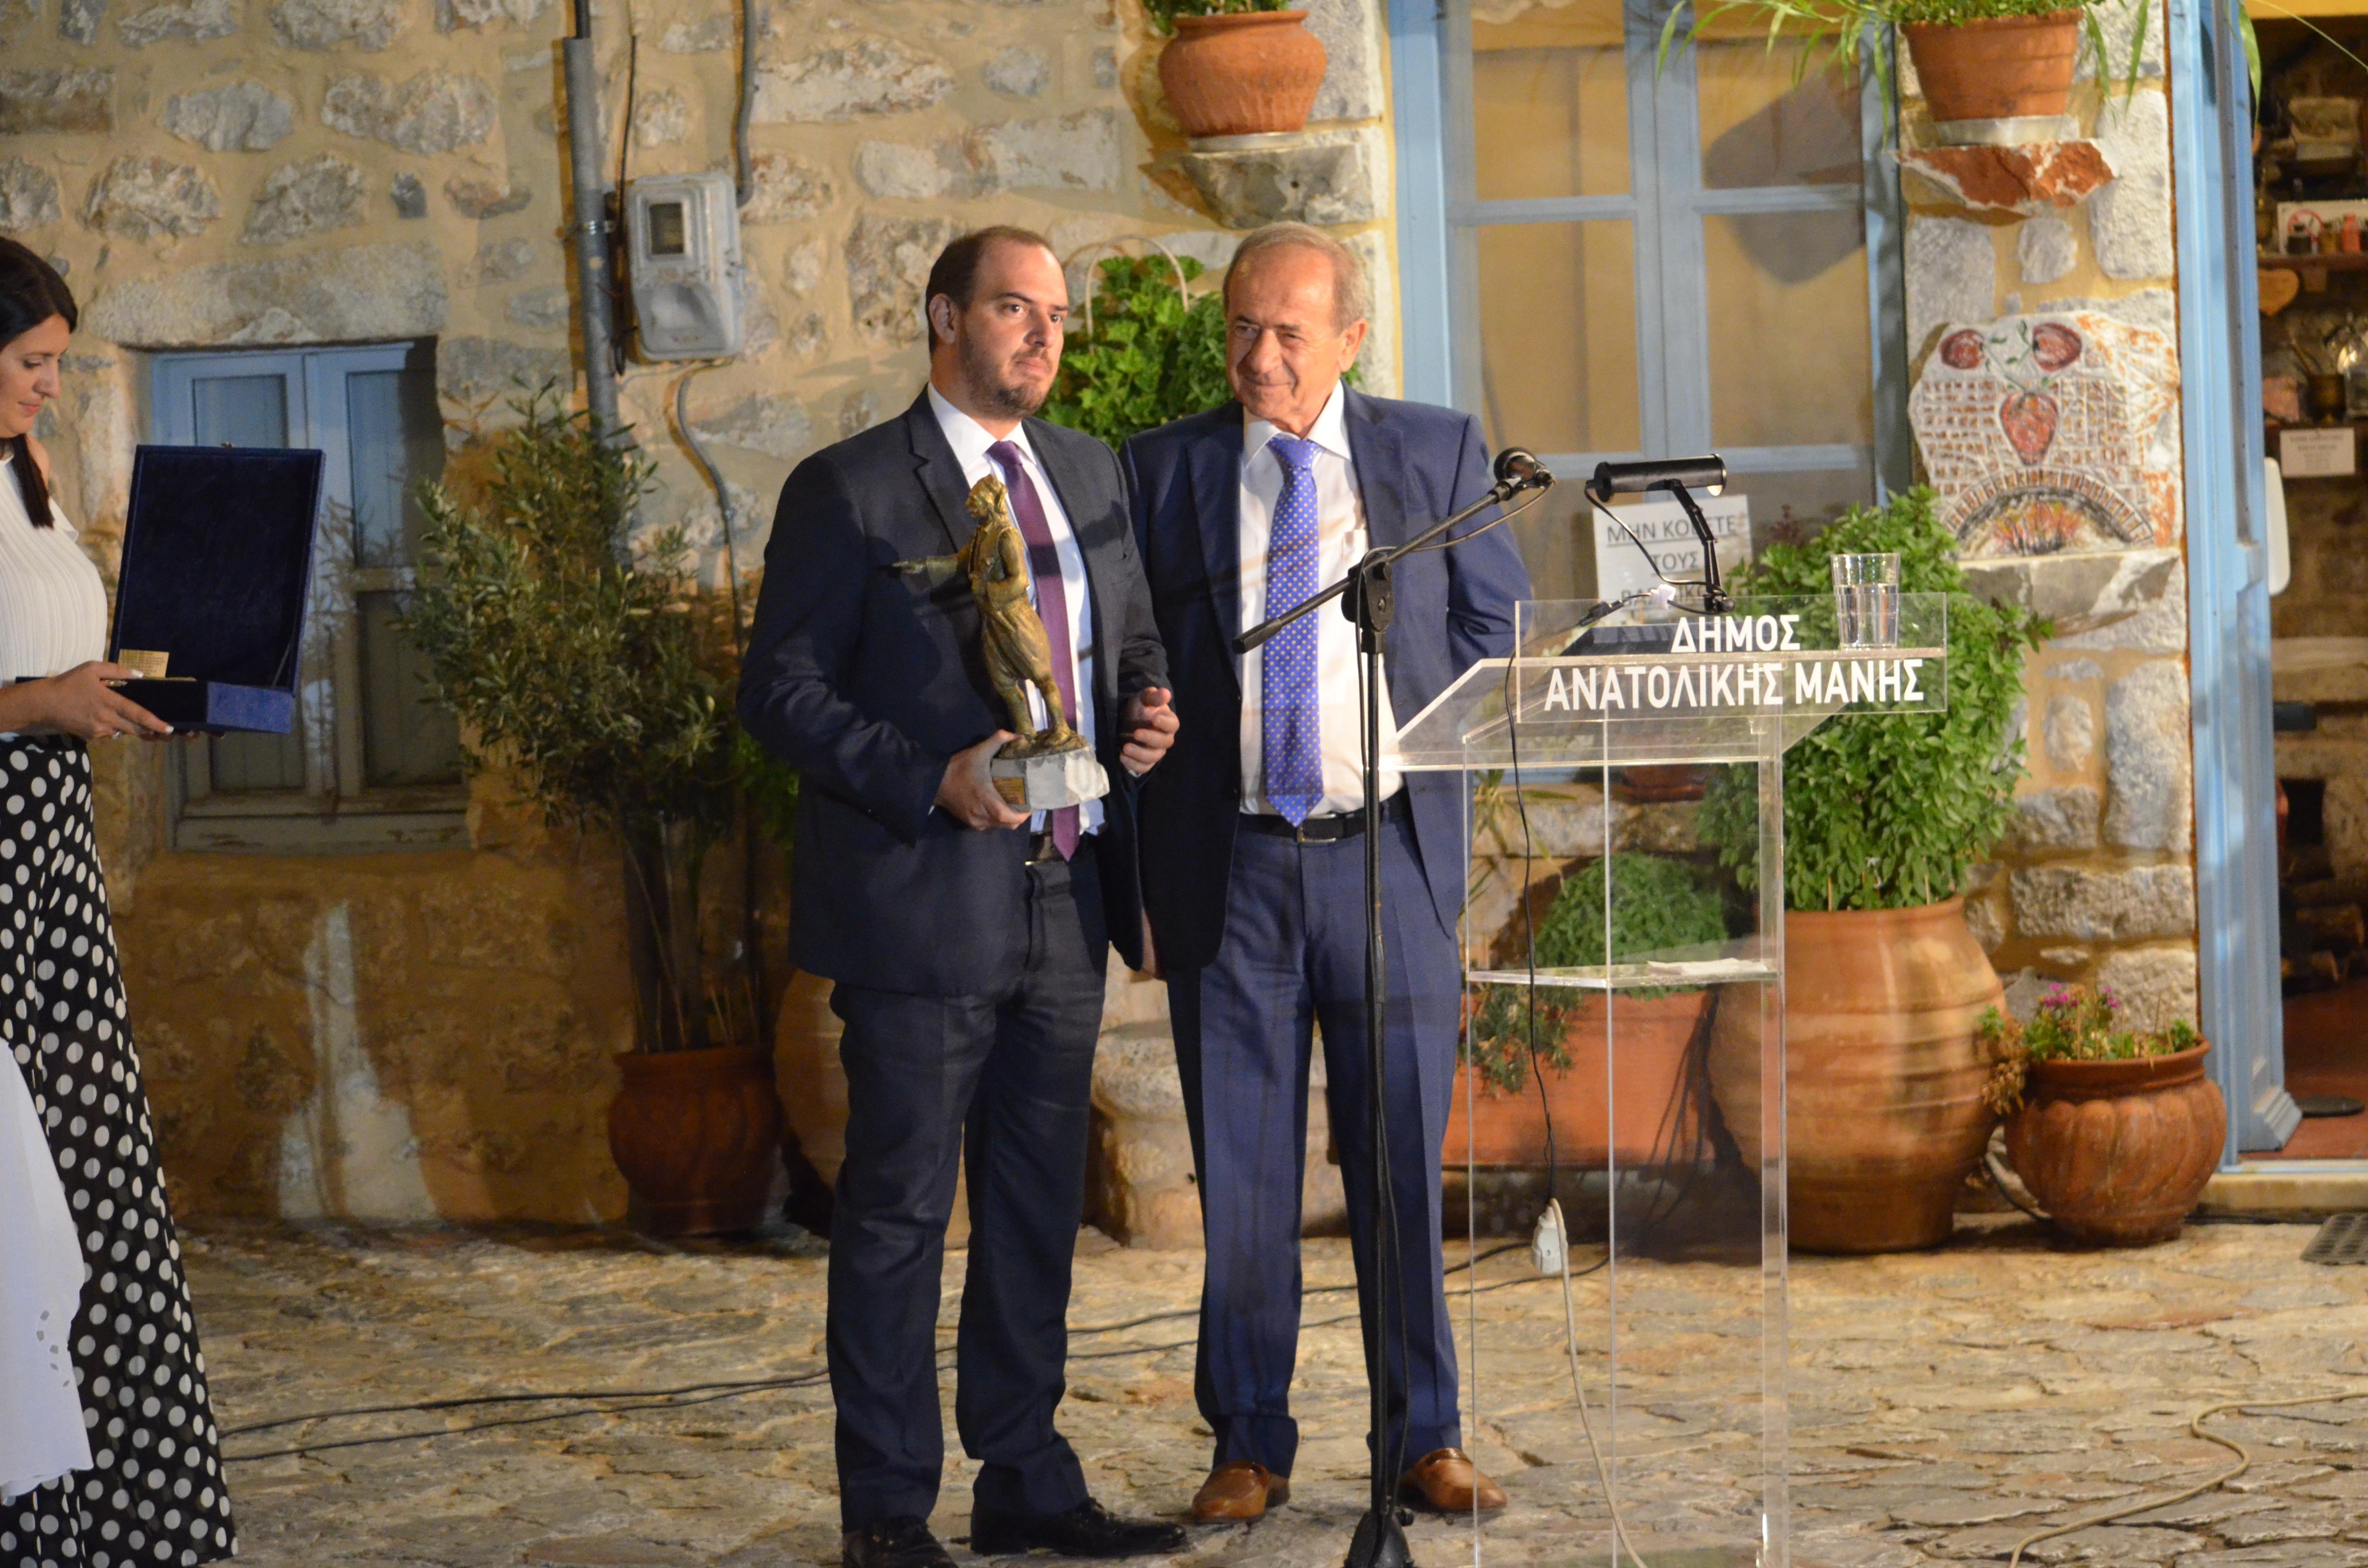 Υφυπουργός Δικαιοσύνης κ. Γεώργιος Κώτσηρας μαζί με τον Δήμαρχο Ανατολικης Μάνης κ. Πέτρο Ανδρεάκο